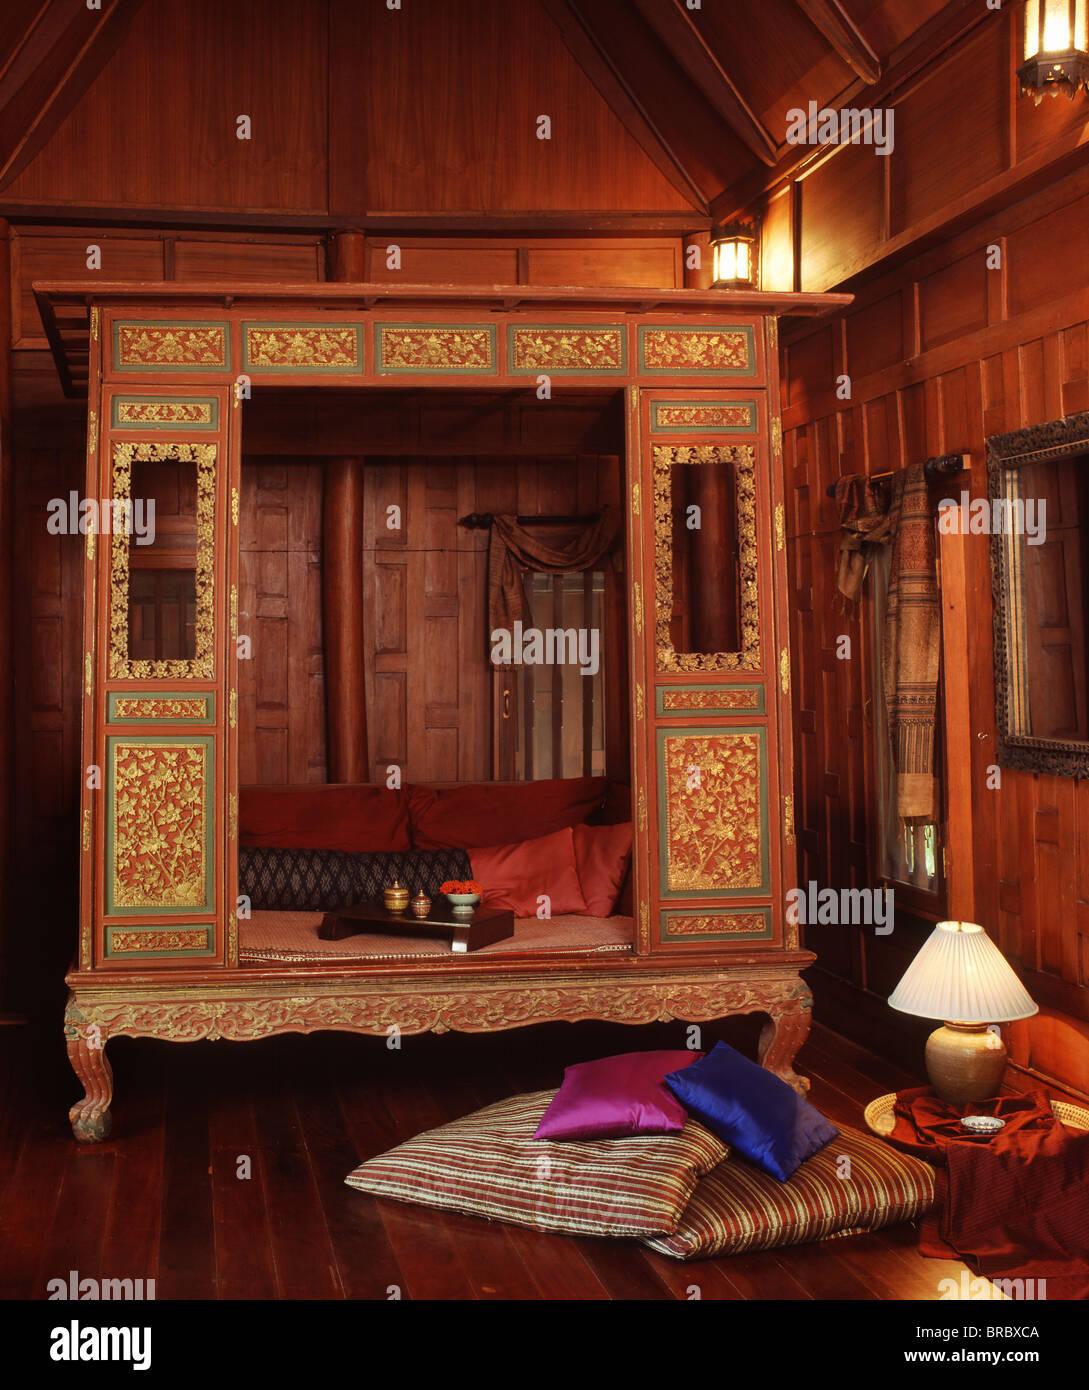 Intérieur d'une maison de style Thaï avec un lit Thai-Chinese, Thaïlande Photo Stock